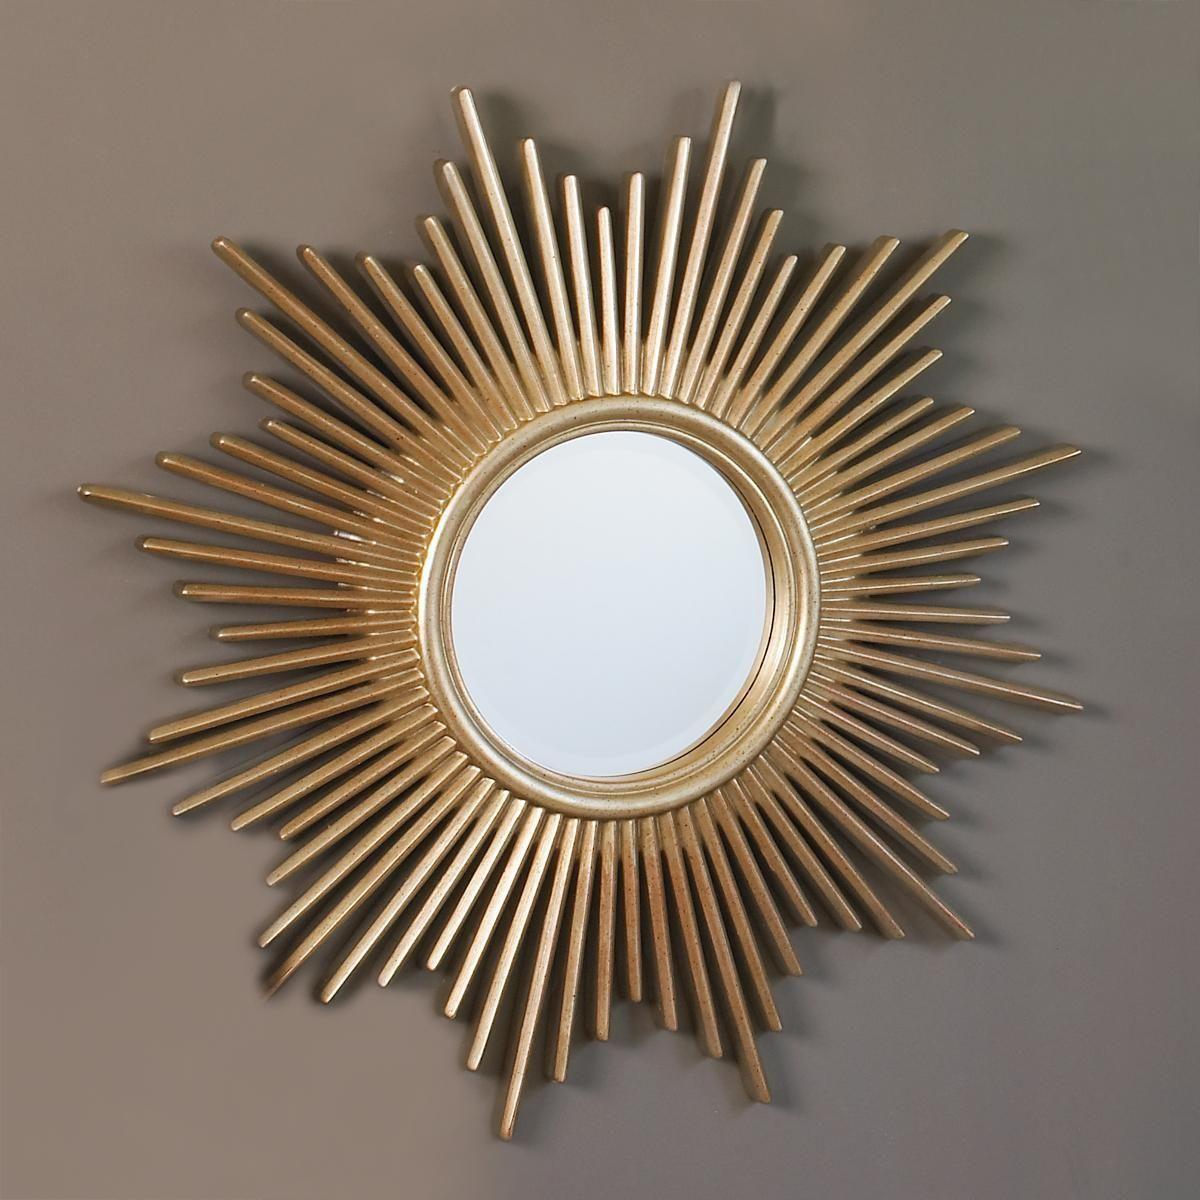 Die besten 25 sonnenspiegel ideen auf pinterest - Rustikaler spiegel ...